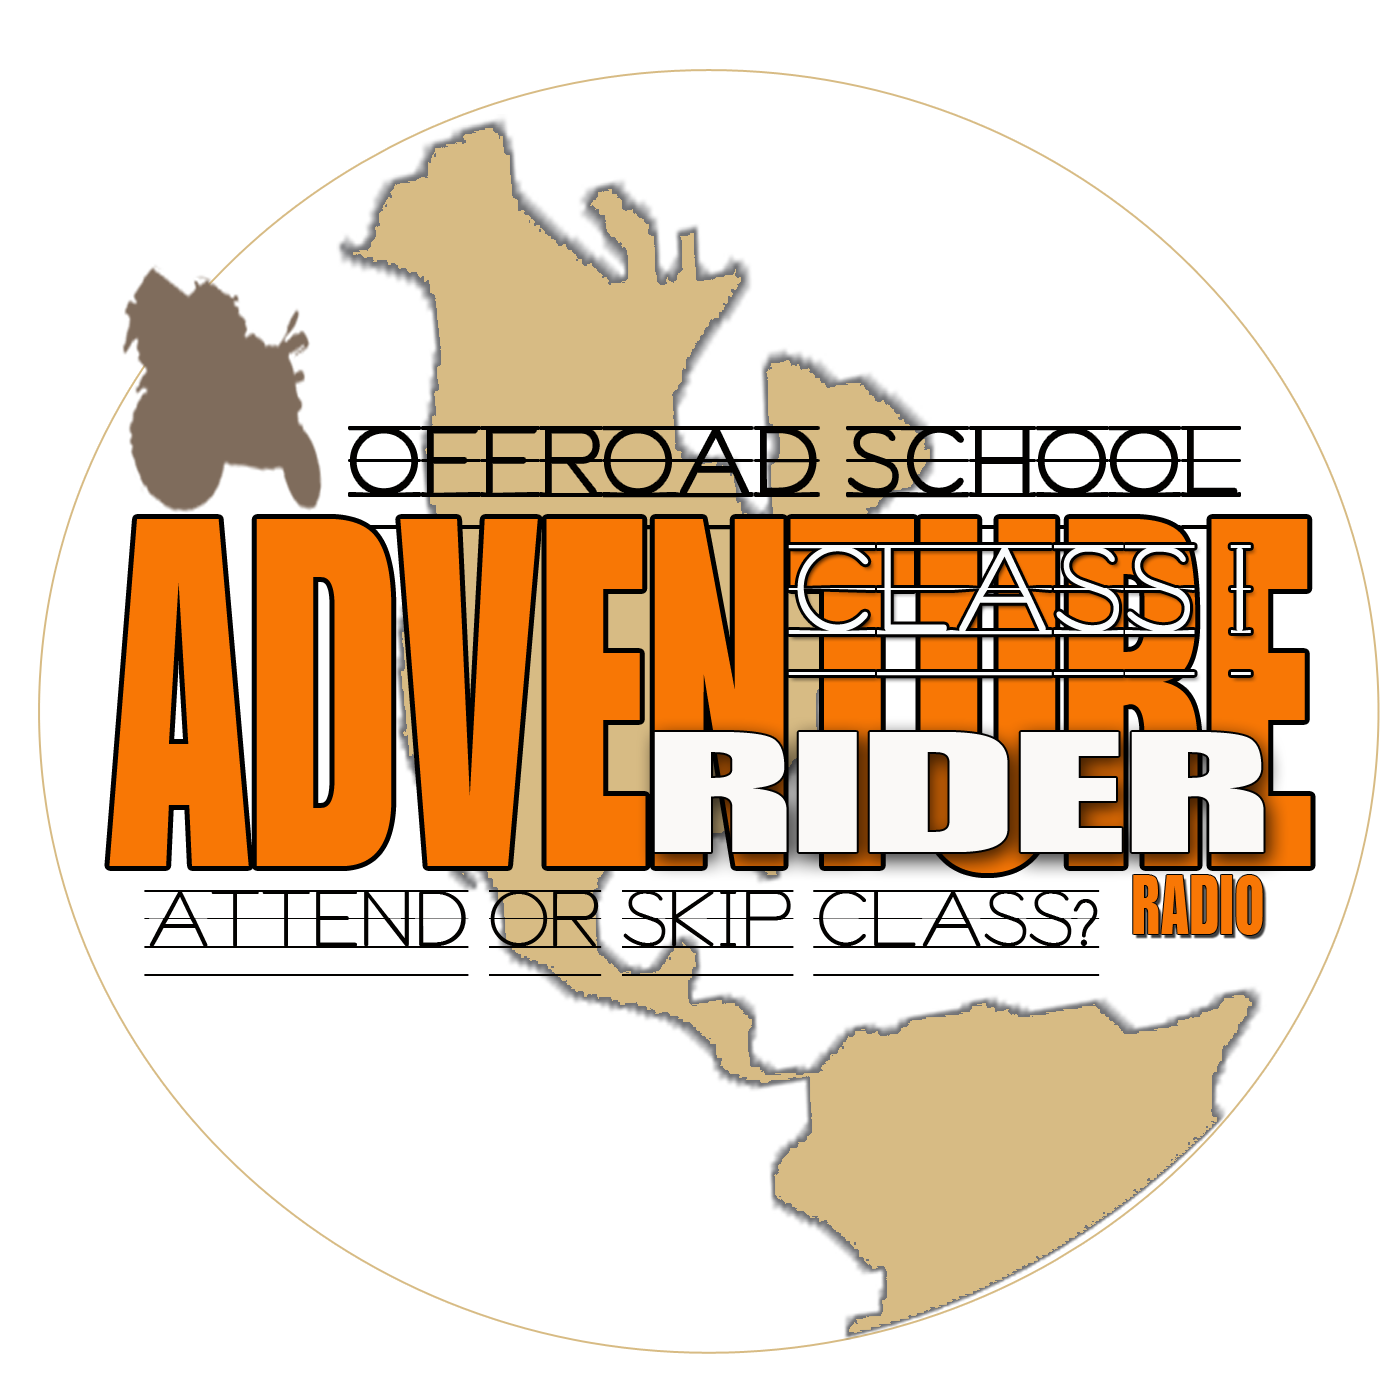 off-road-school